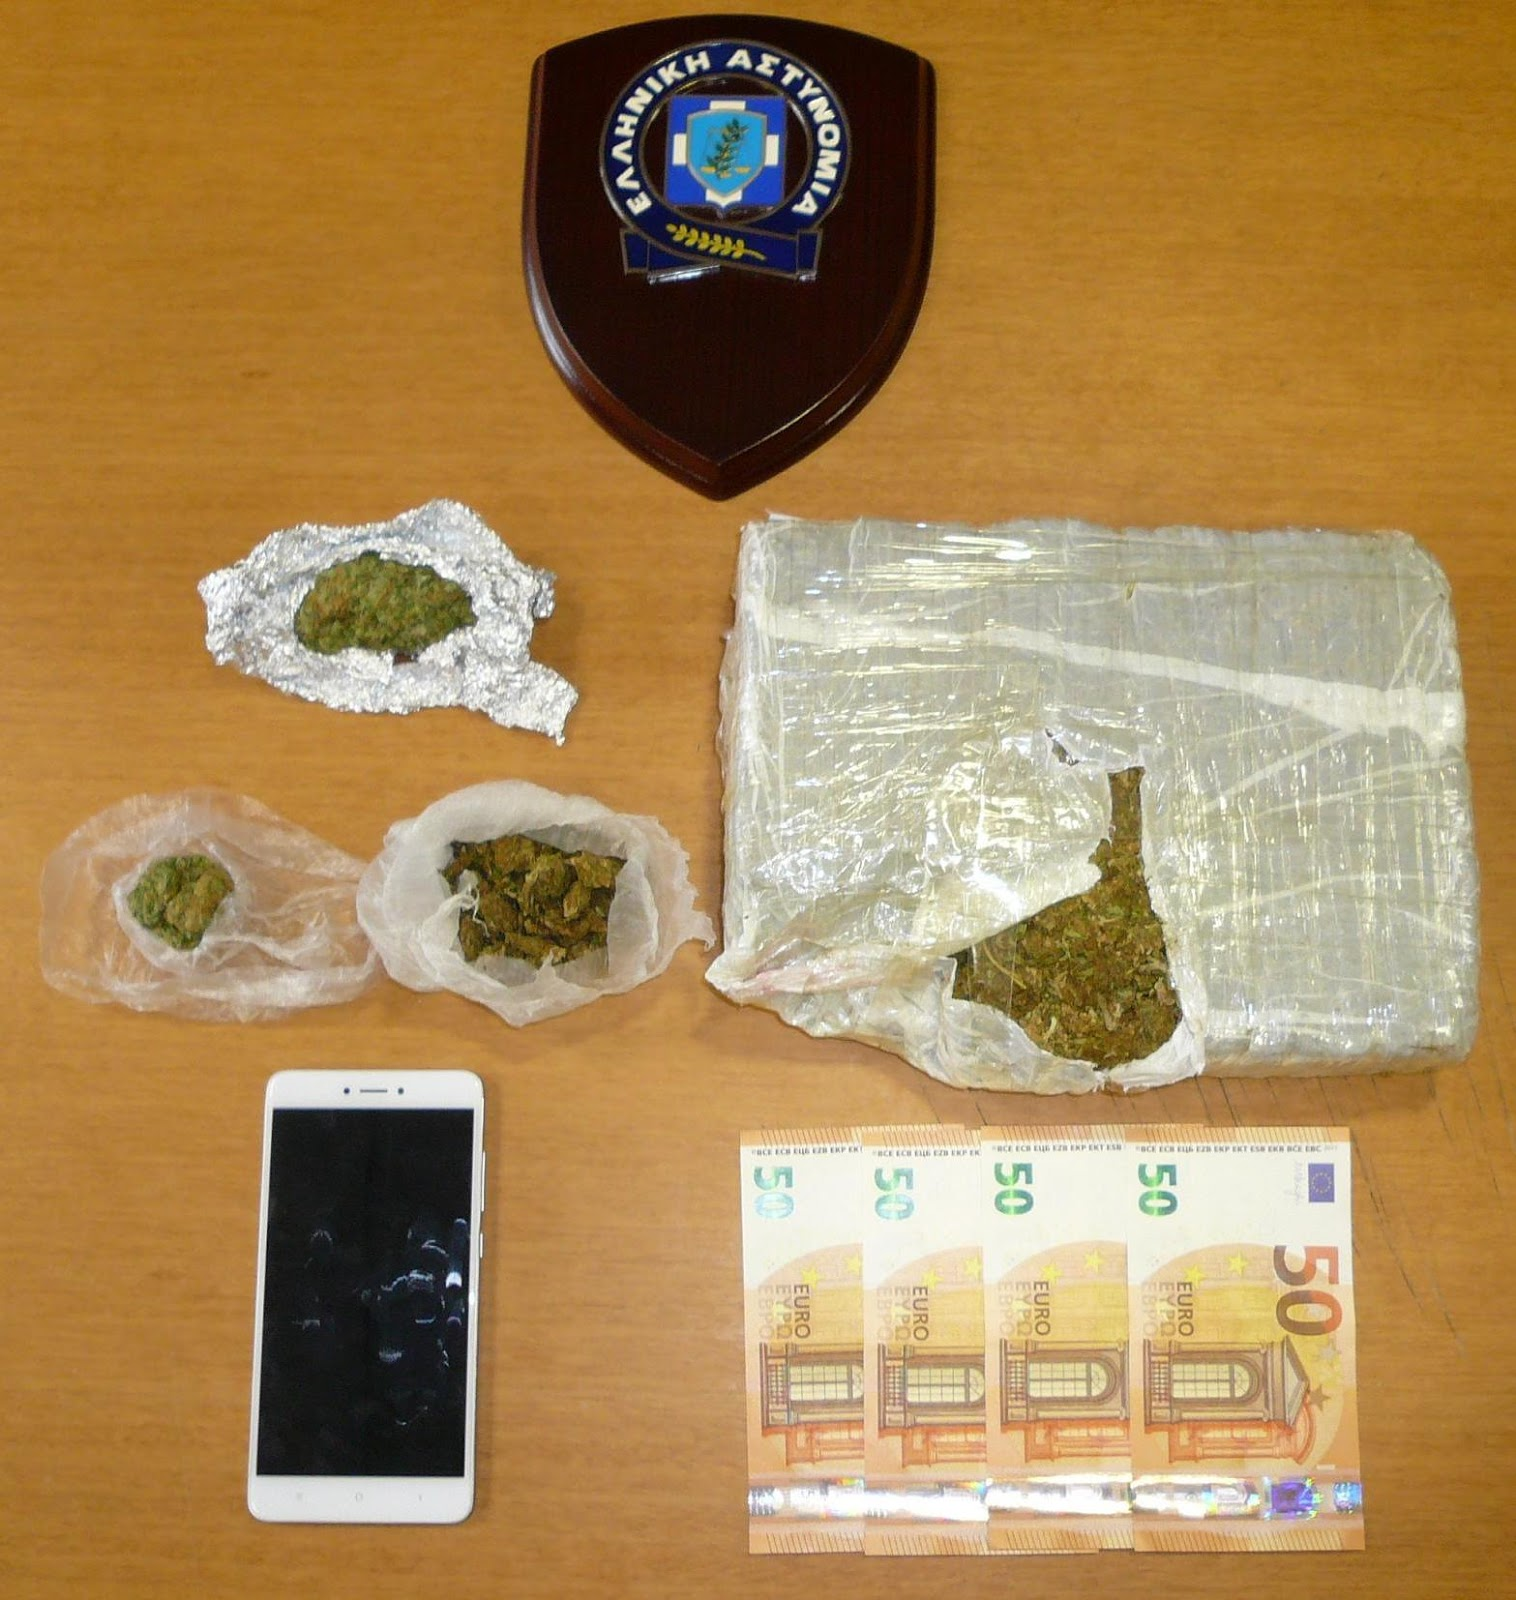 Συνελήφθη ένα άτομο στο Βόλο, κατηγορούμενο για διακίνηση ναρκωτικών ουσιών